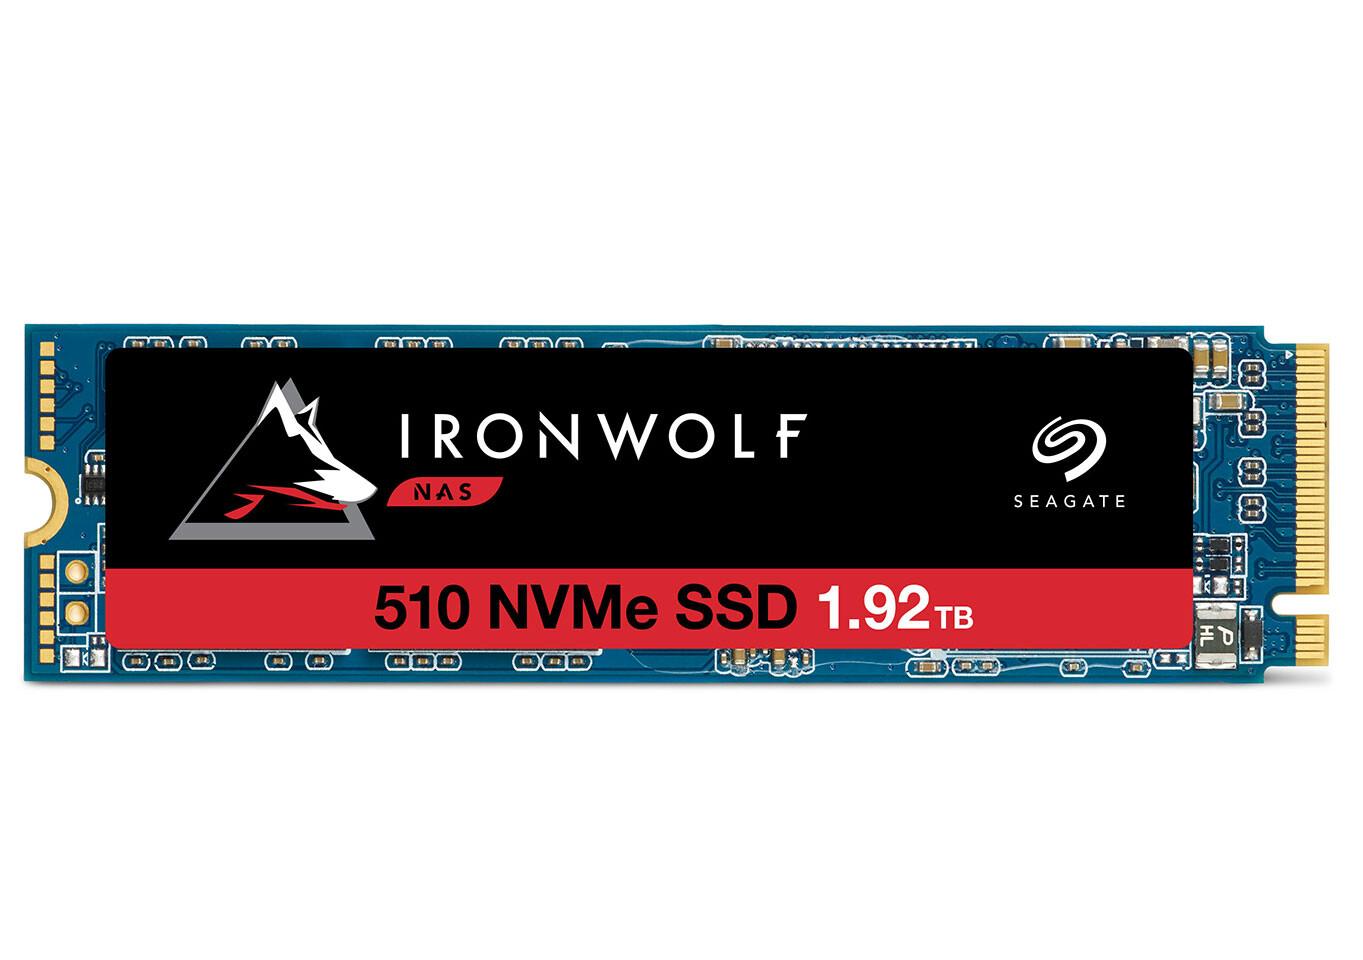 IronWolf 510